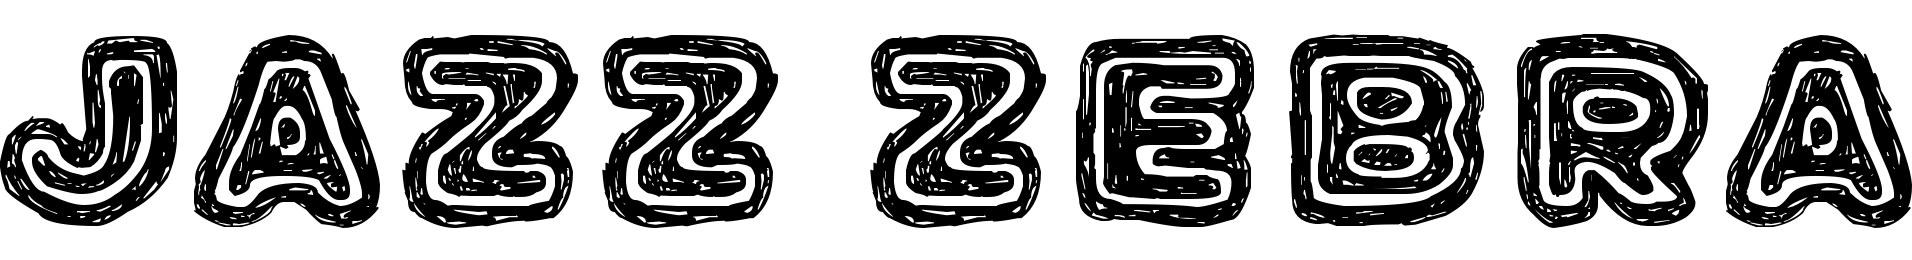 Jazz Zebra